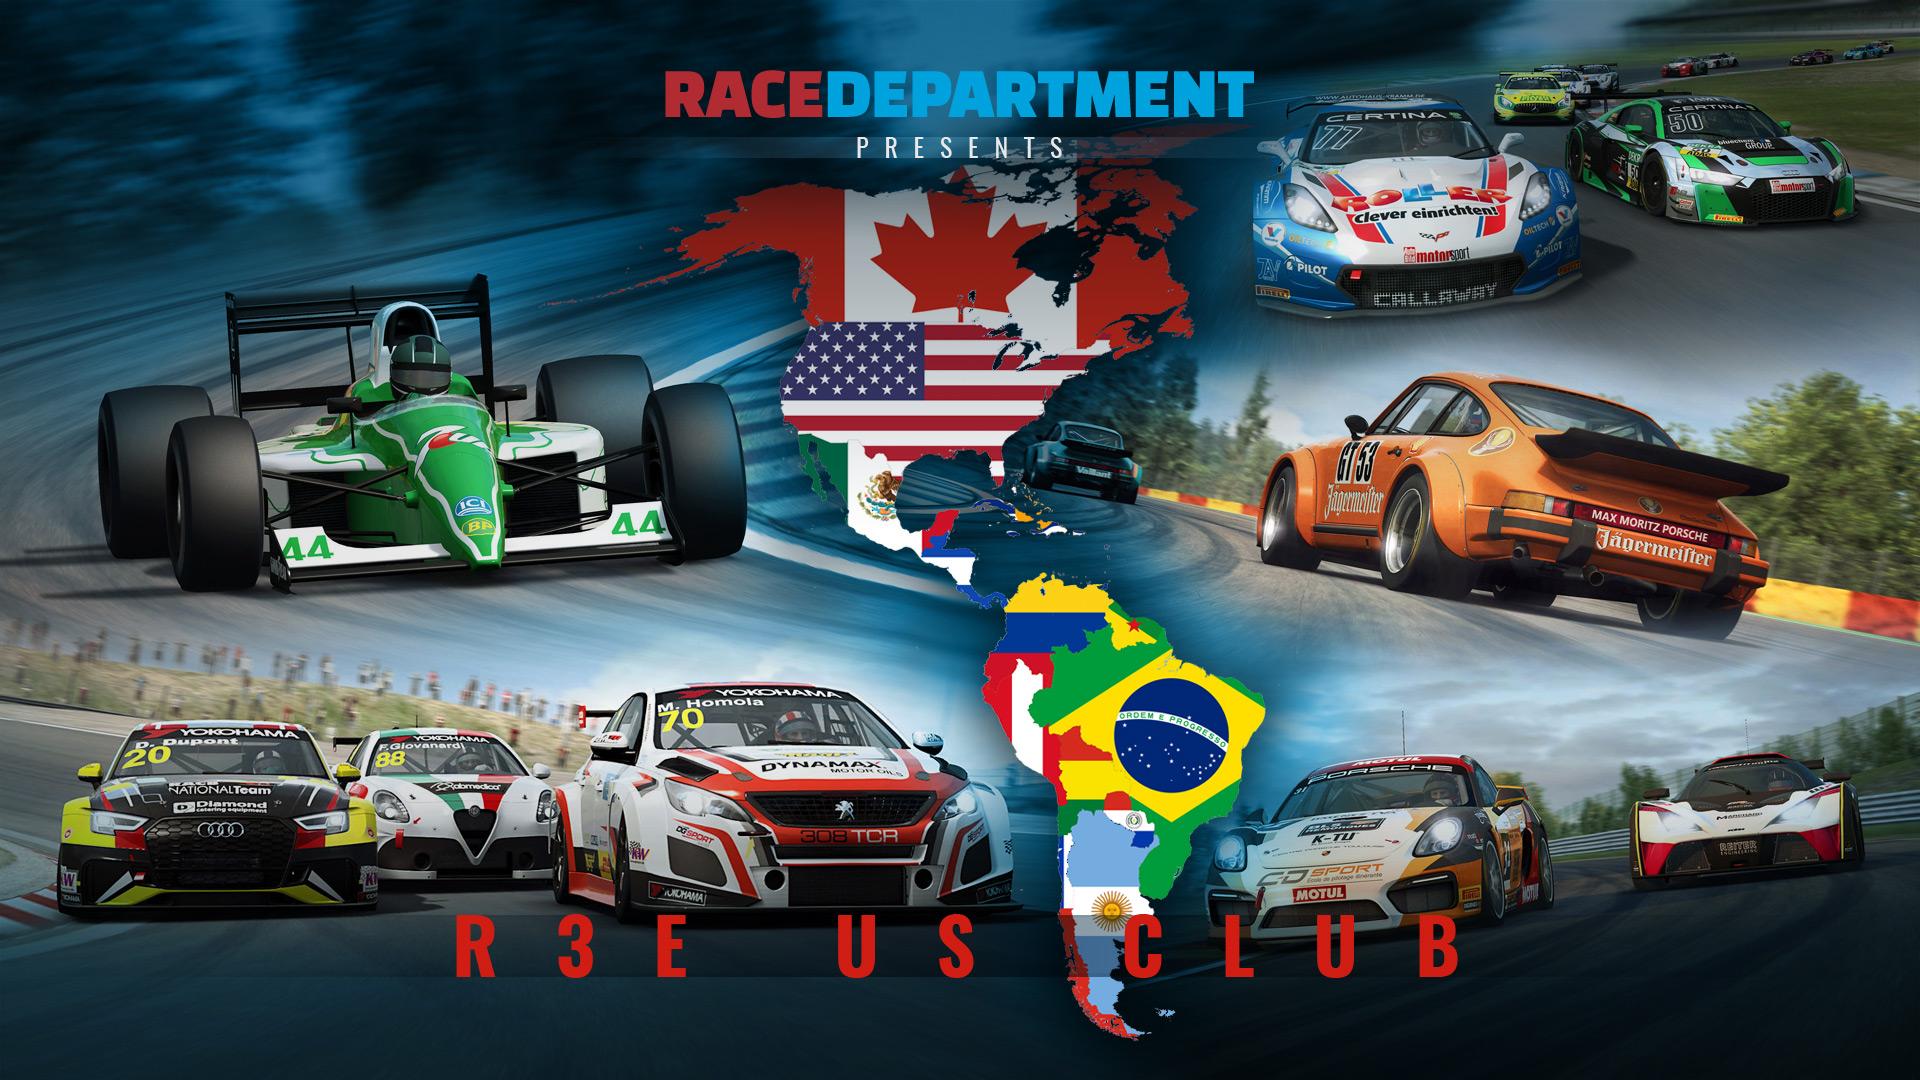 R3E_US_club.jpg